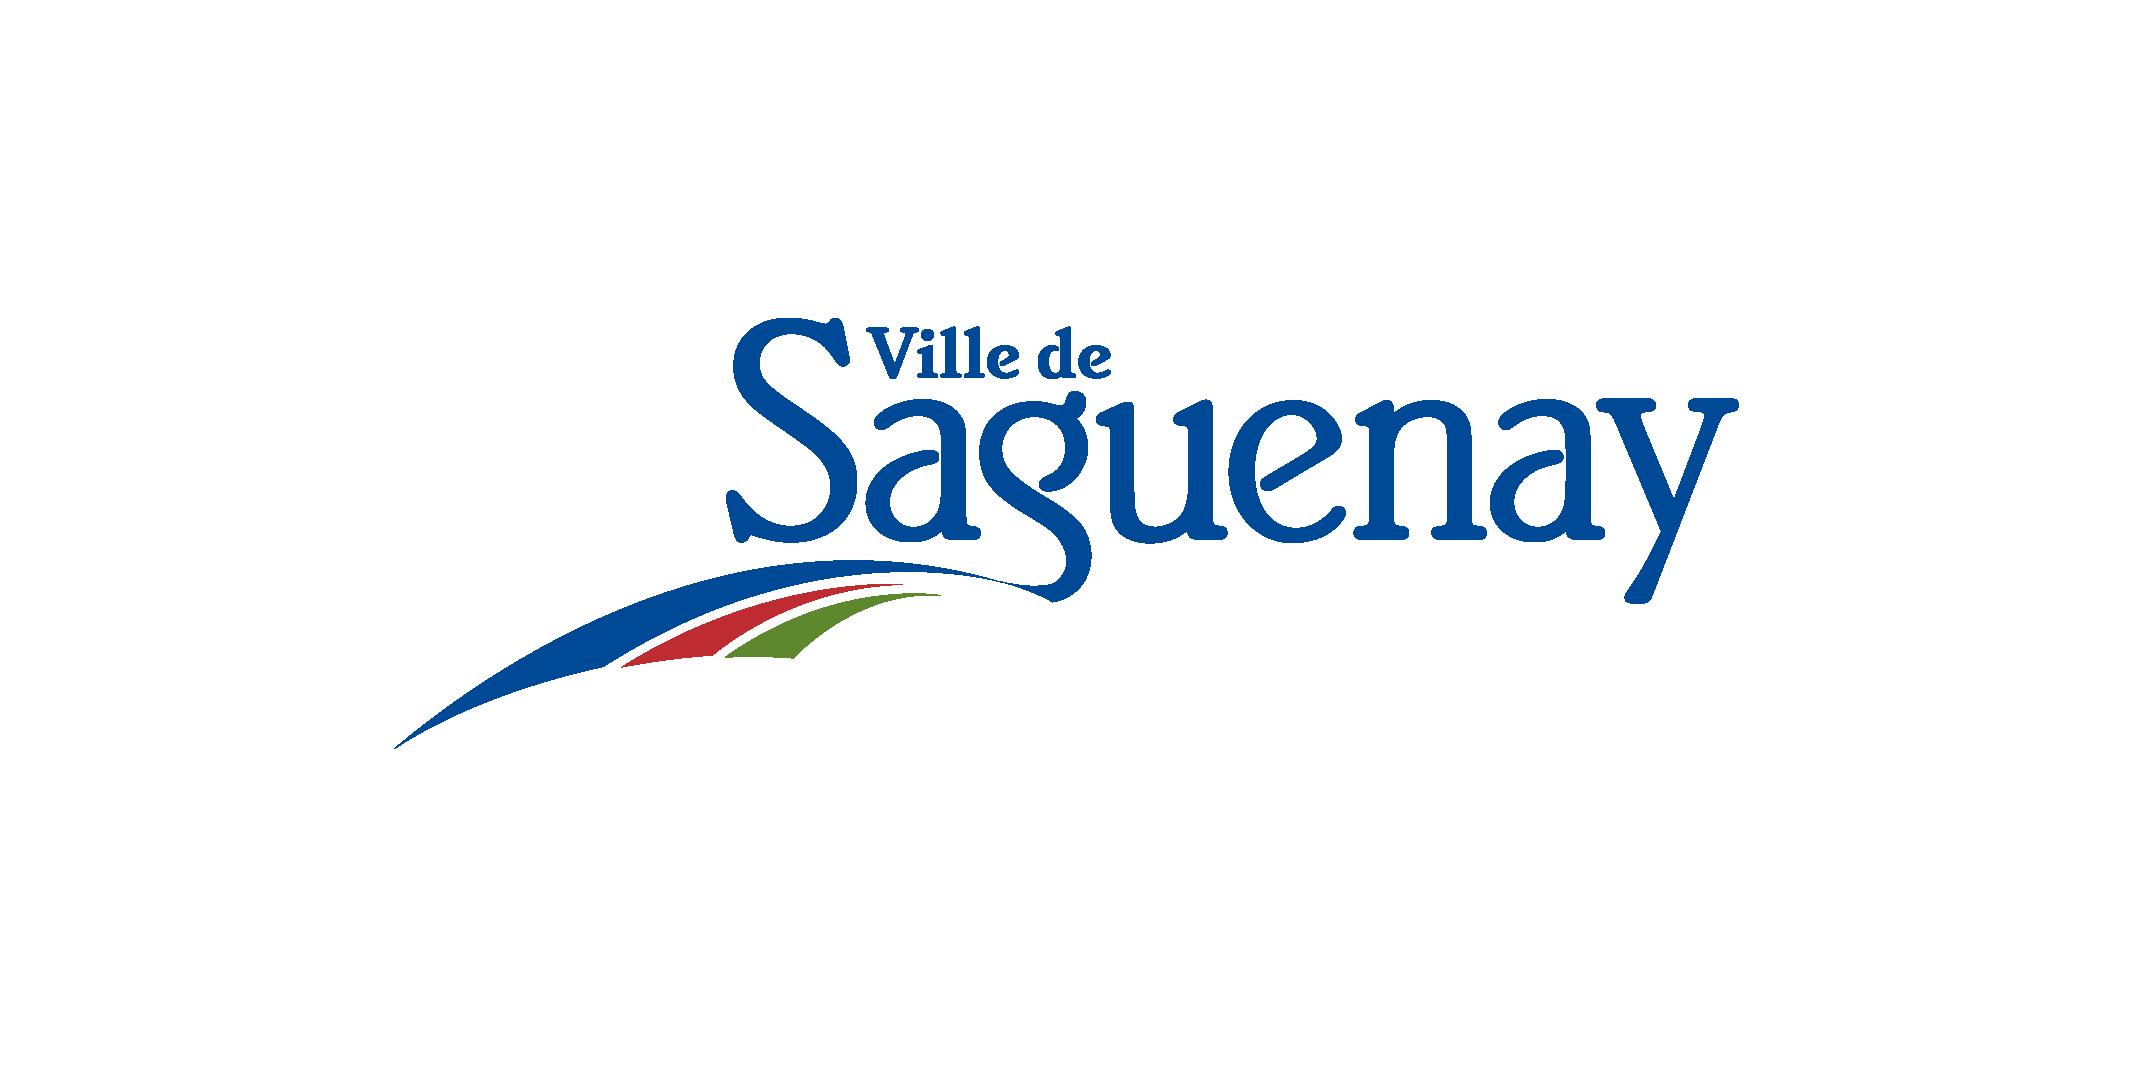 Ville de Saguenay